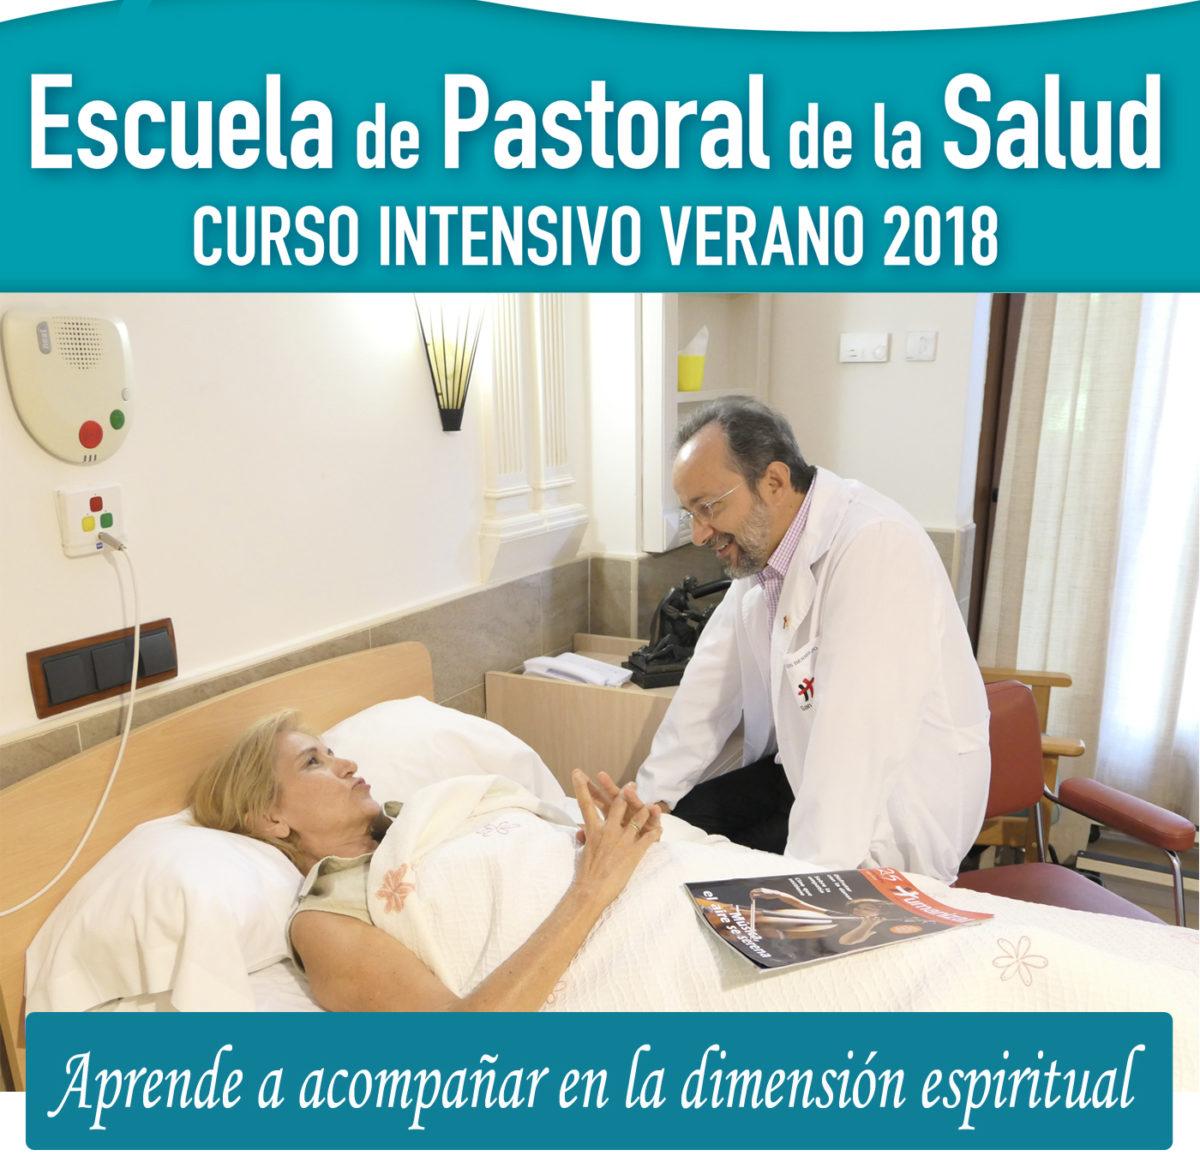 Escuela de Pastoral de la Salud, julio 2018